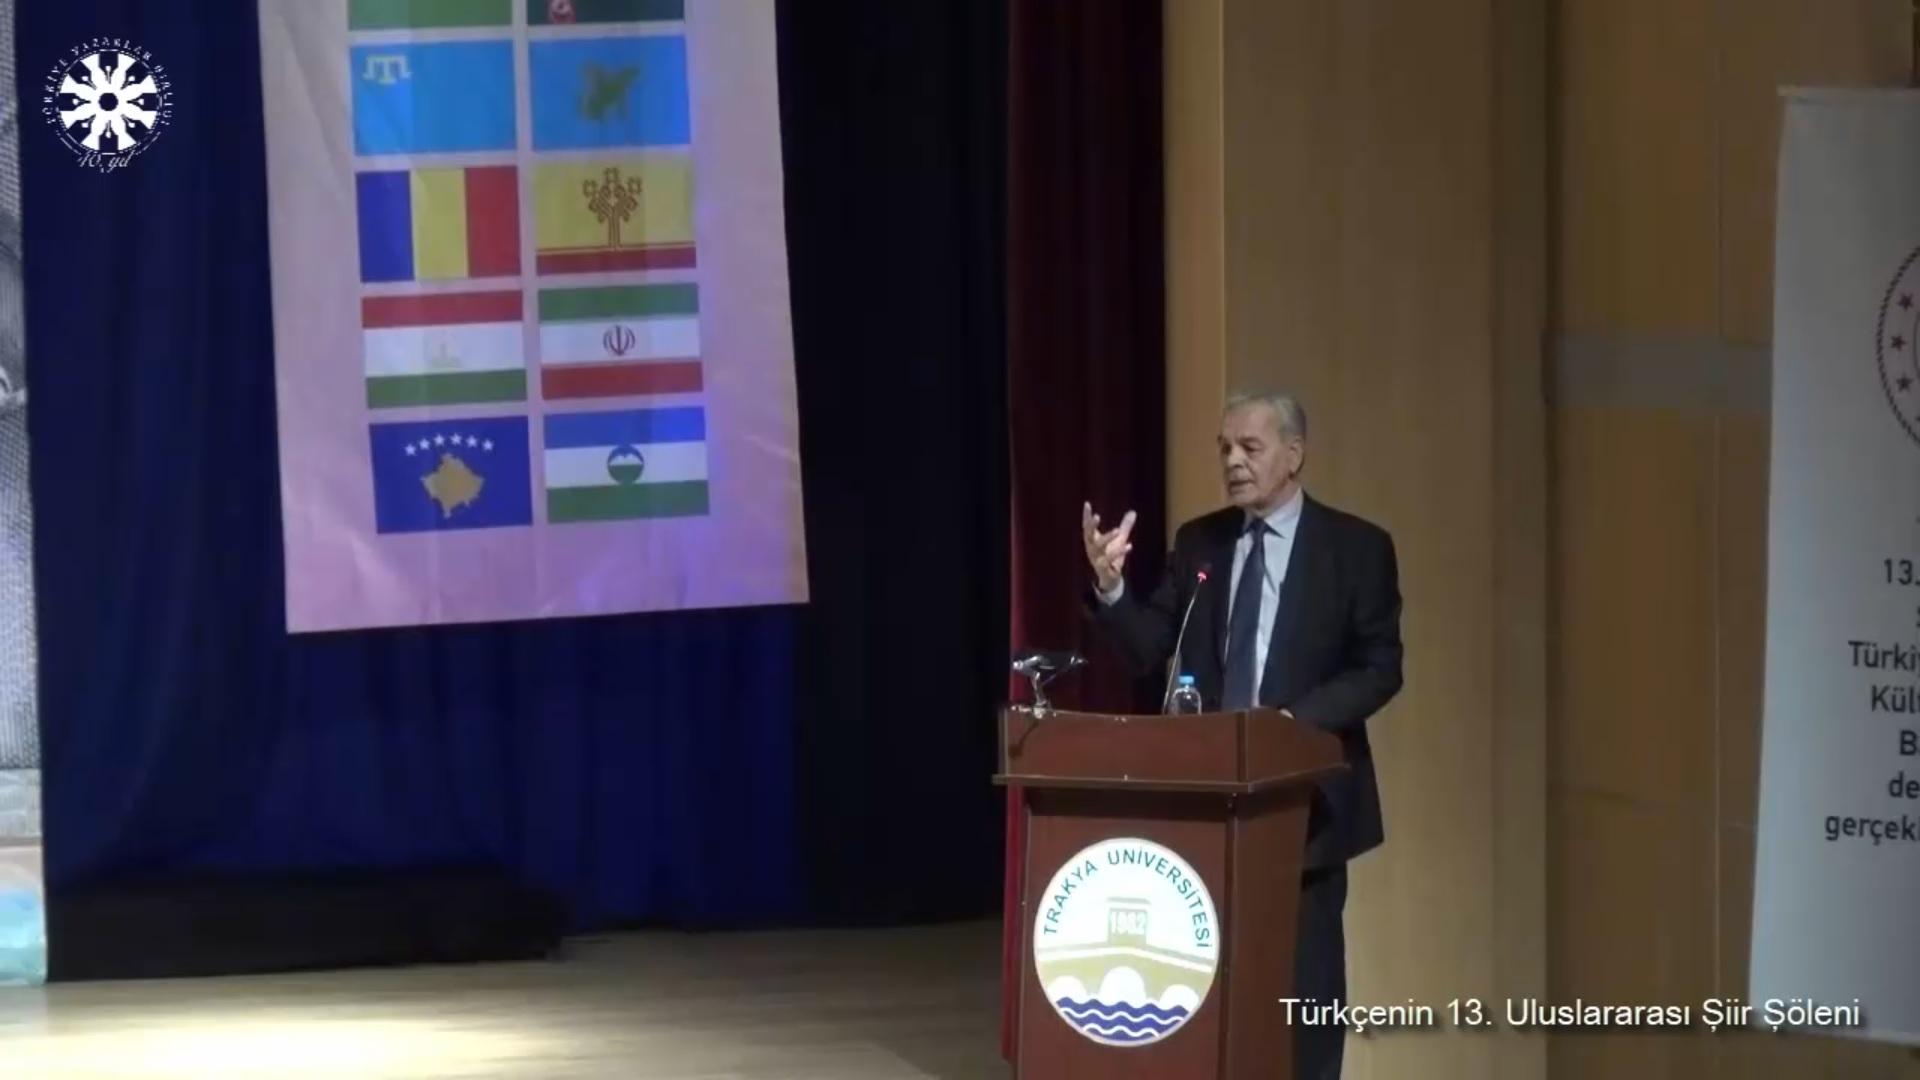 Sehend Şiir Faslı: Mehmet Ömer Kazancı